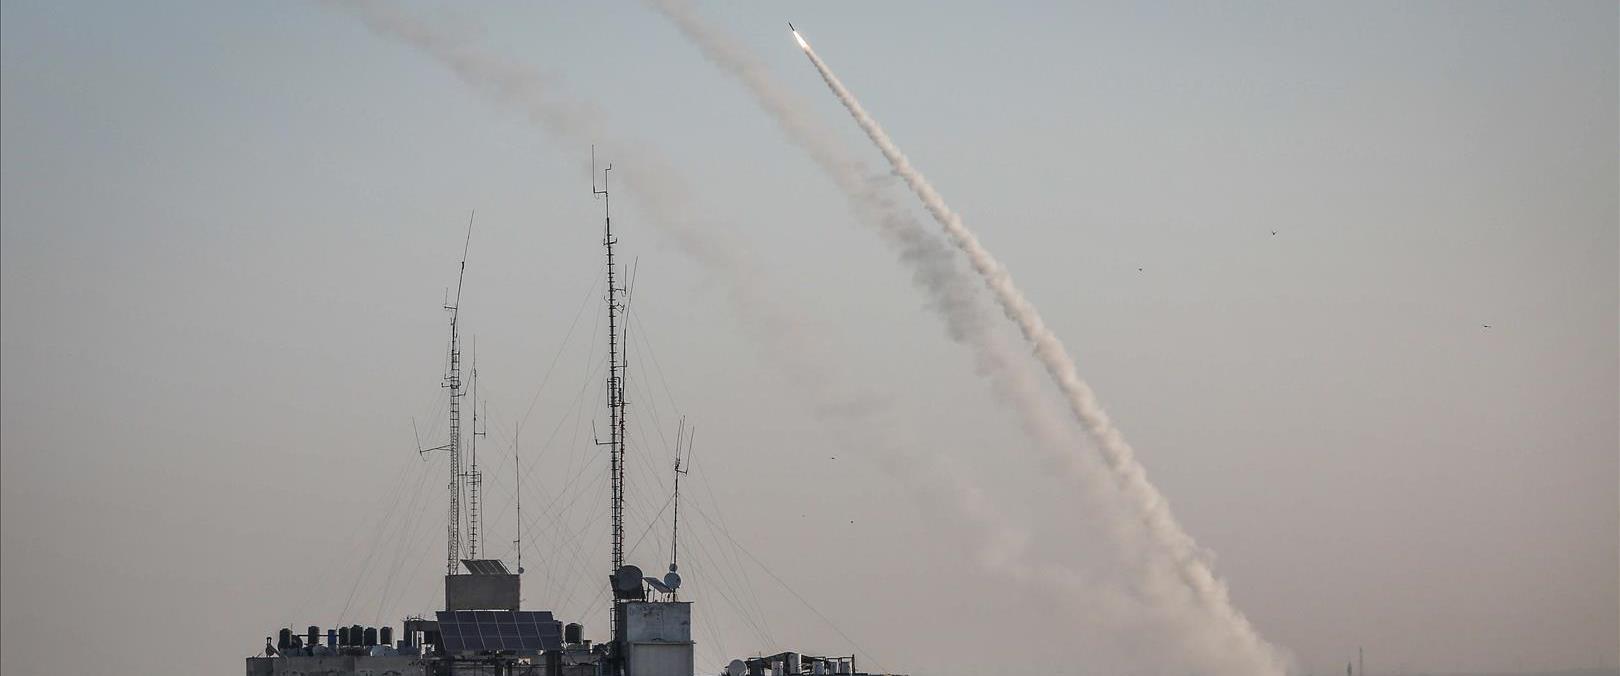 ירי רקטות לעבר ישראל, ארכיון